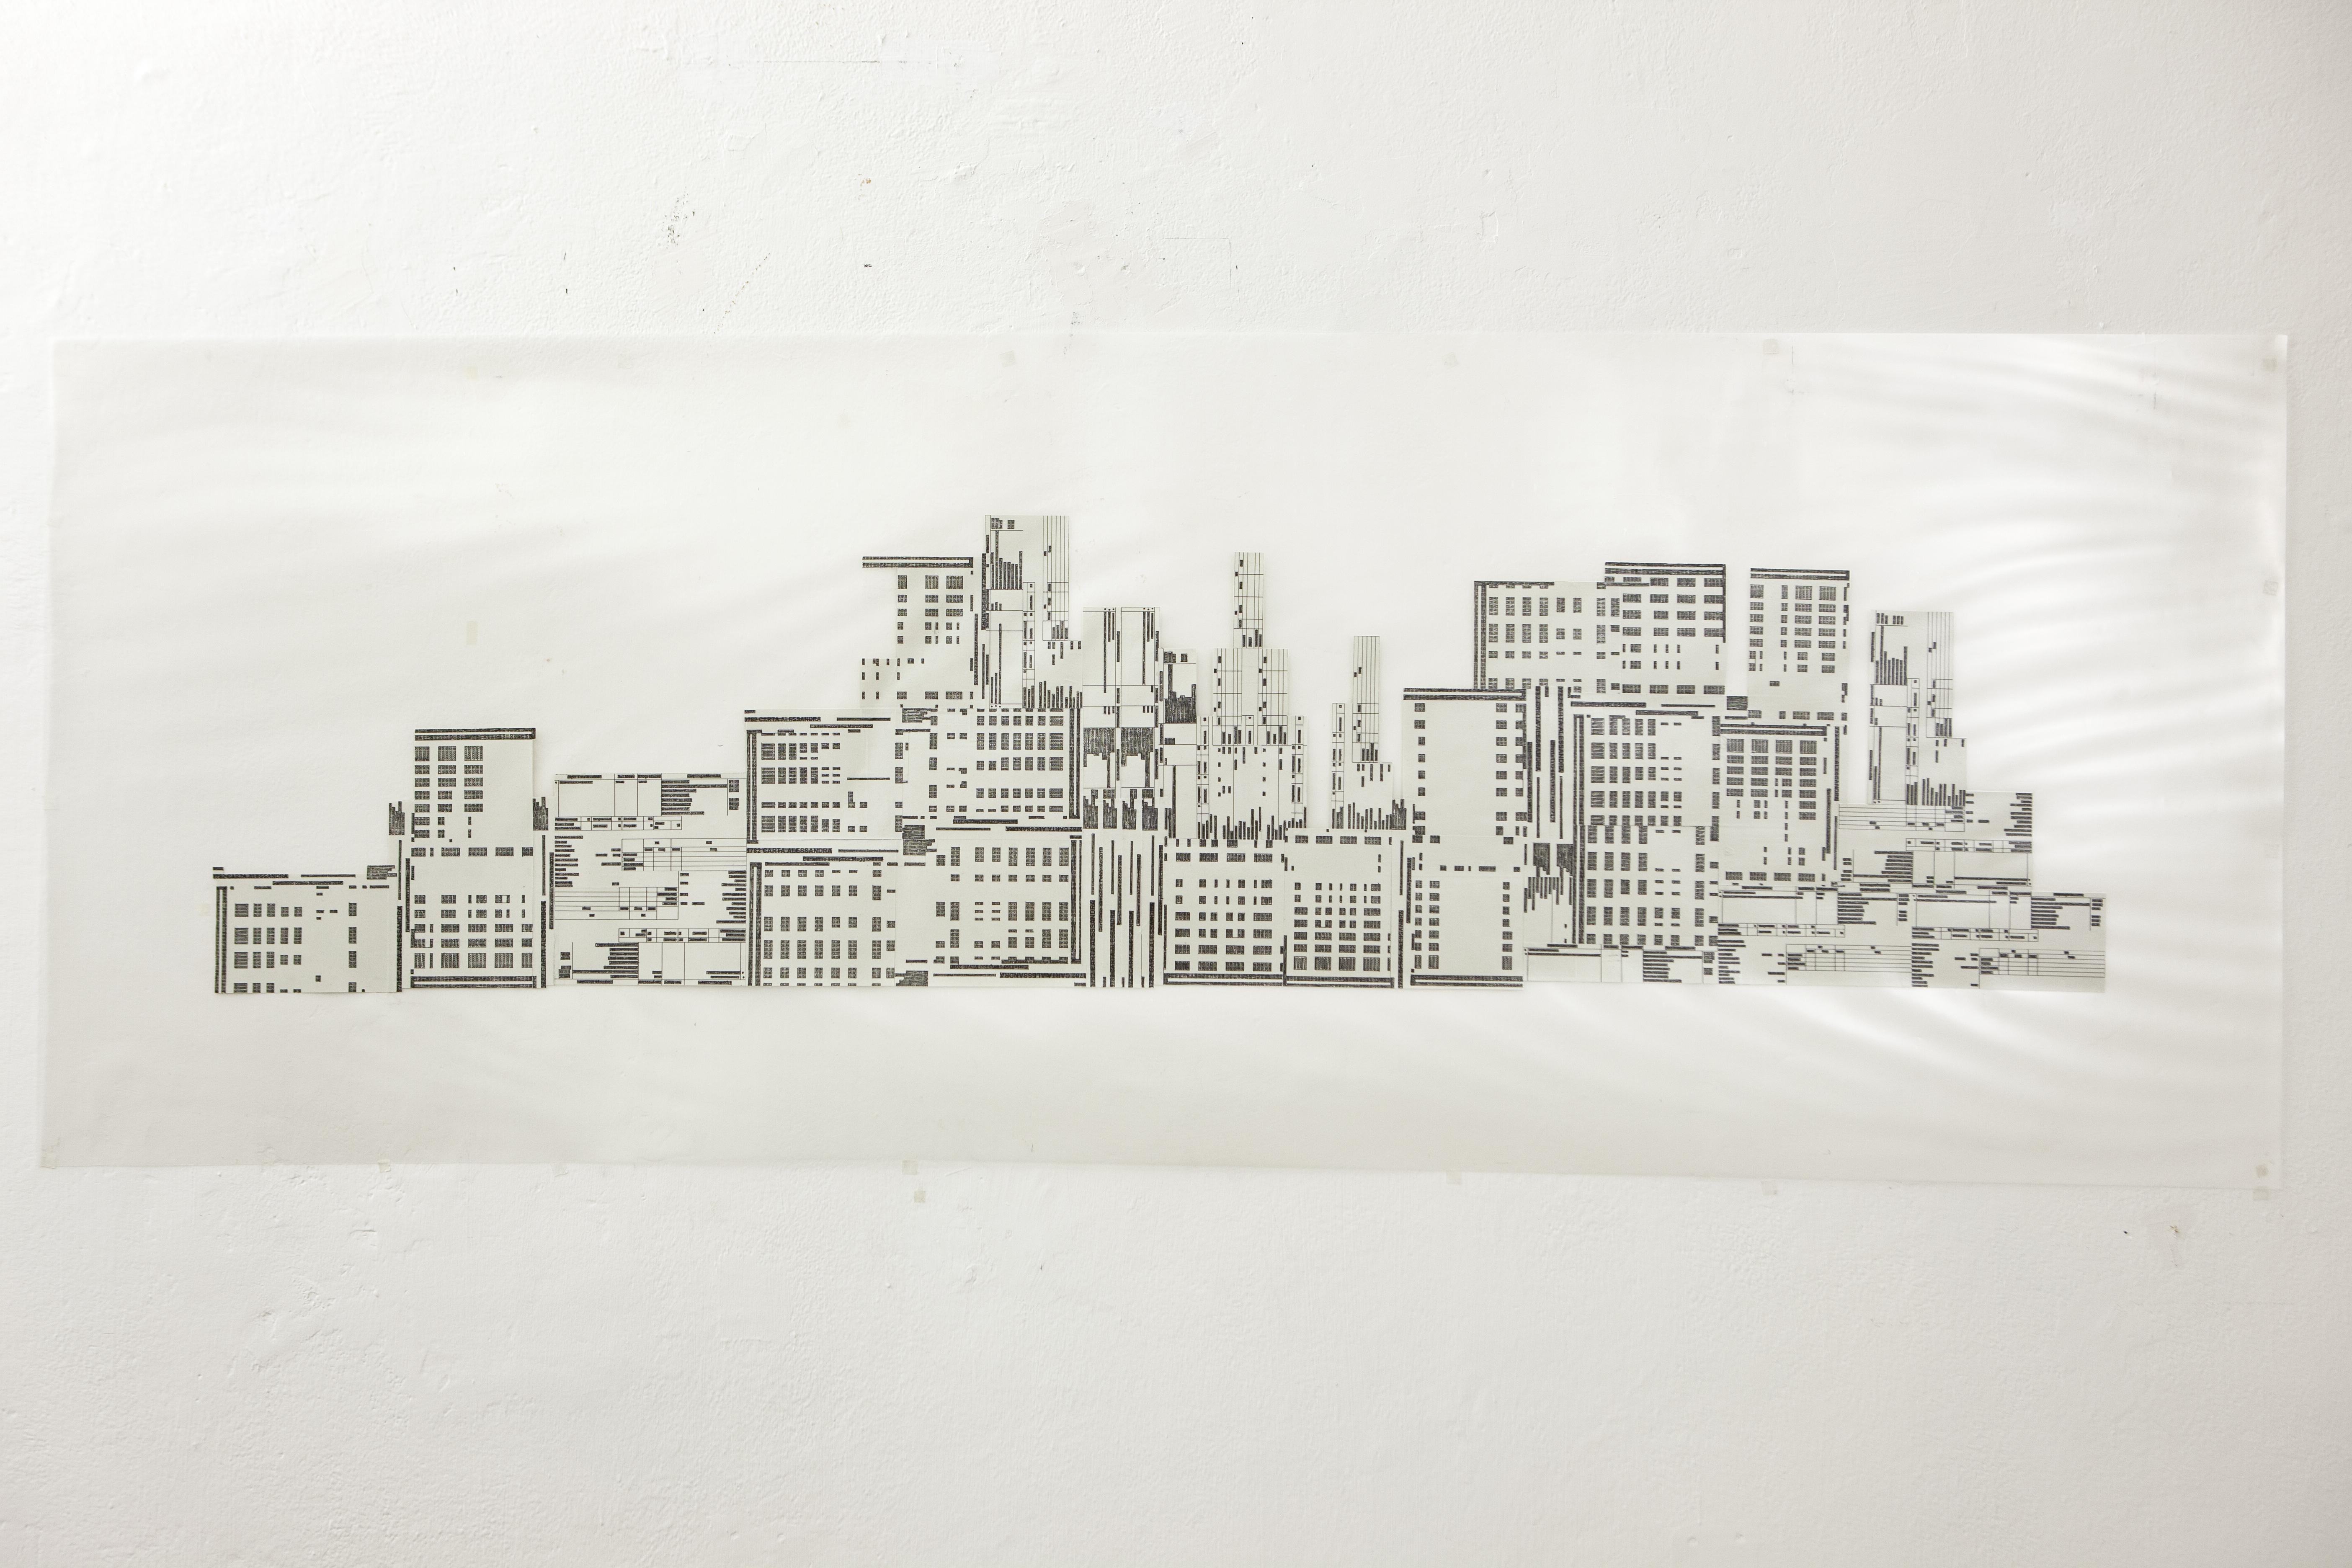 SKYTIME 2019 Fogli A4 di carta riciclata da ufficio stampati, penna a inchiostro, foglio di acetato e film di plastificazione cm 74 x 198